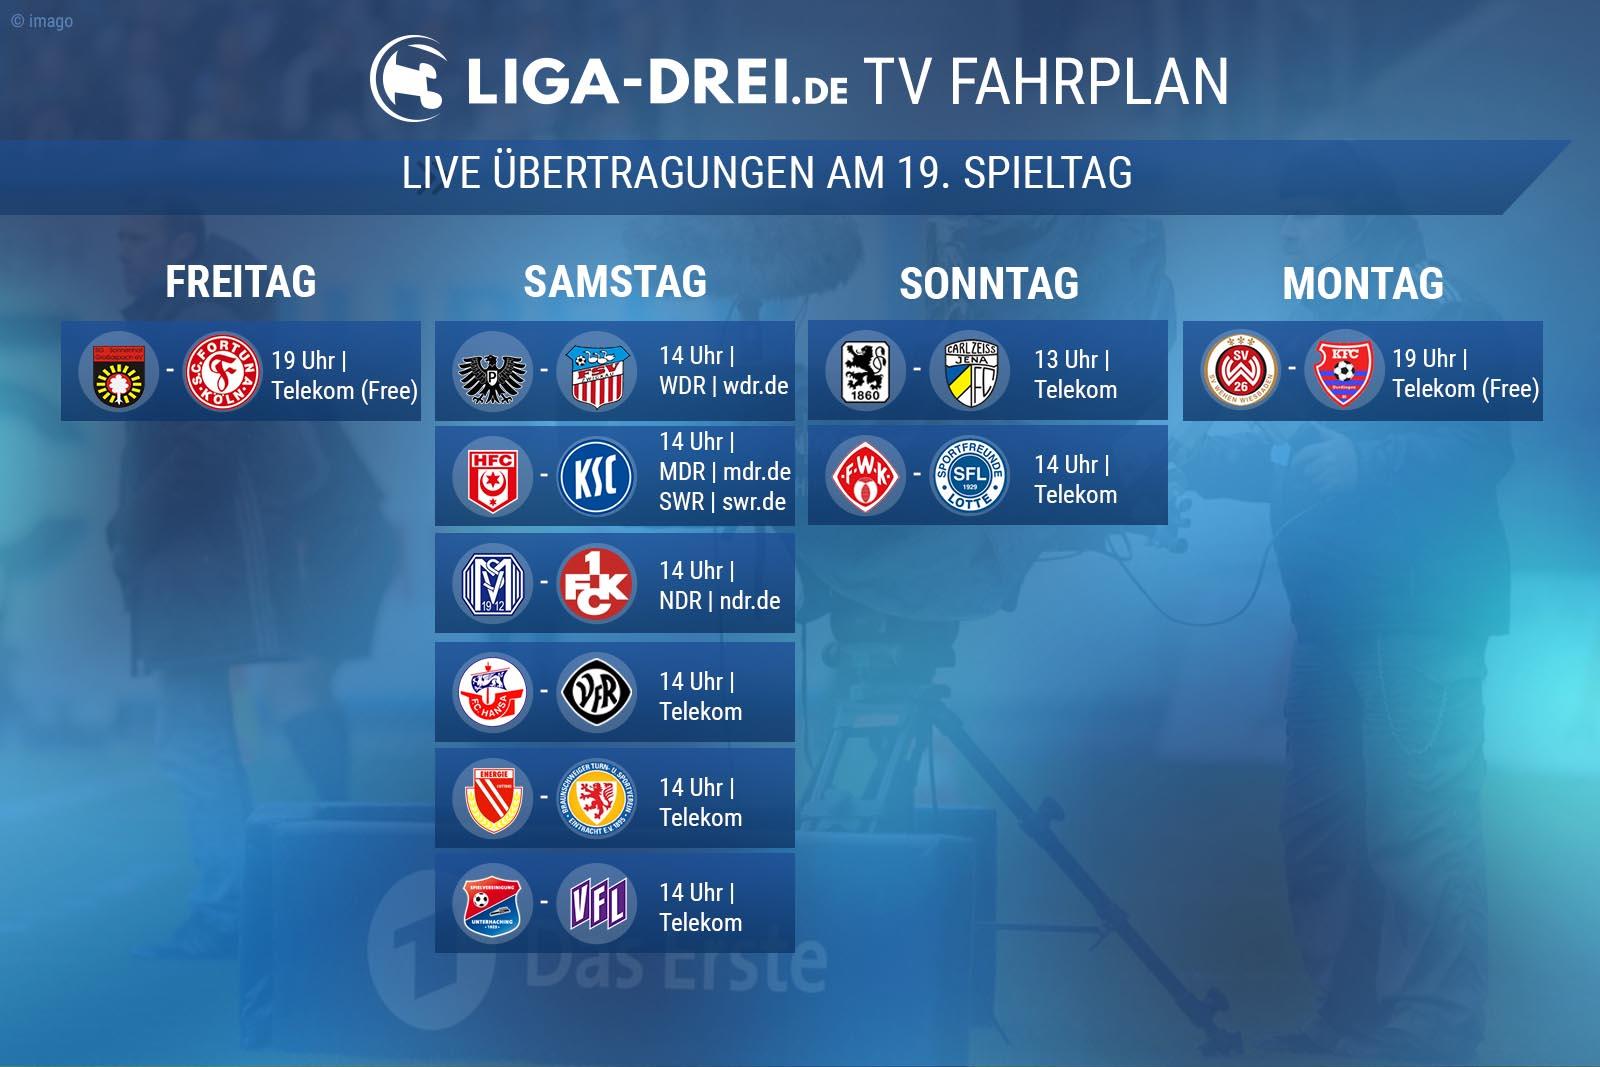 TV-Fahrplan am 19. Spieltag